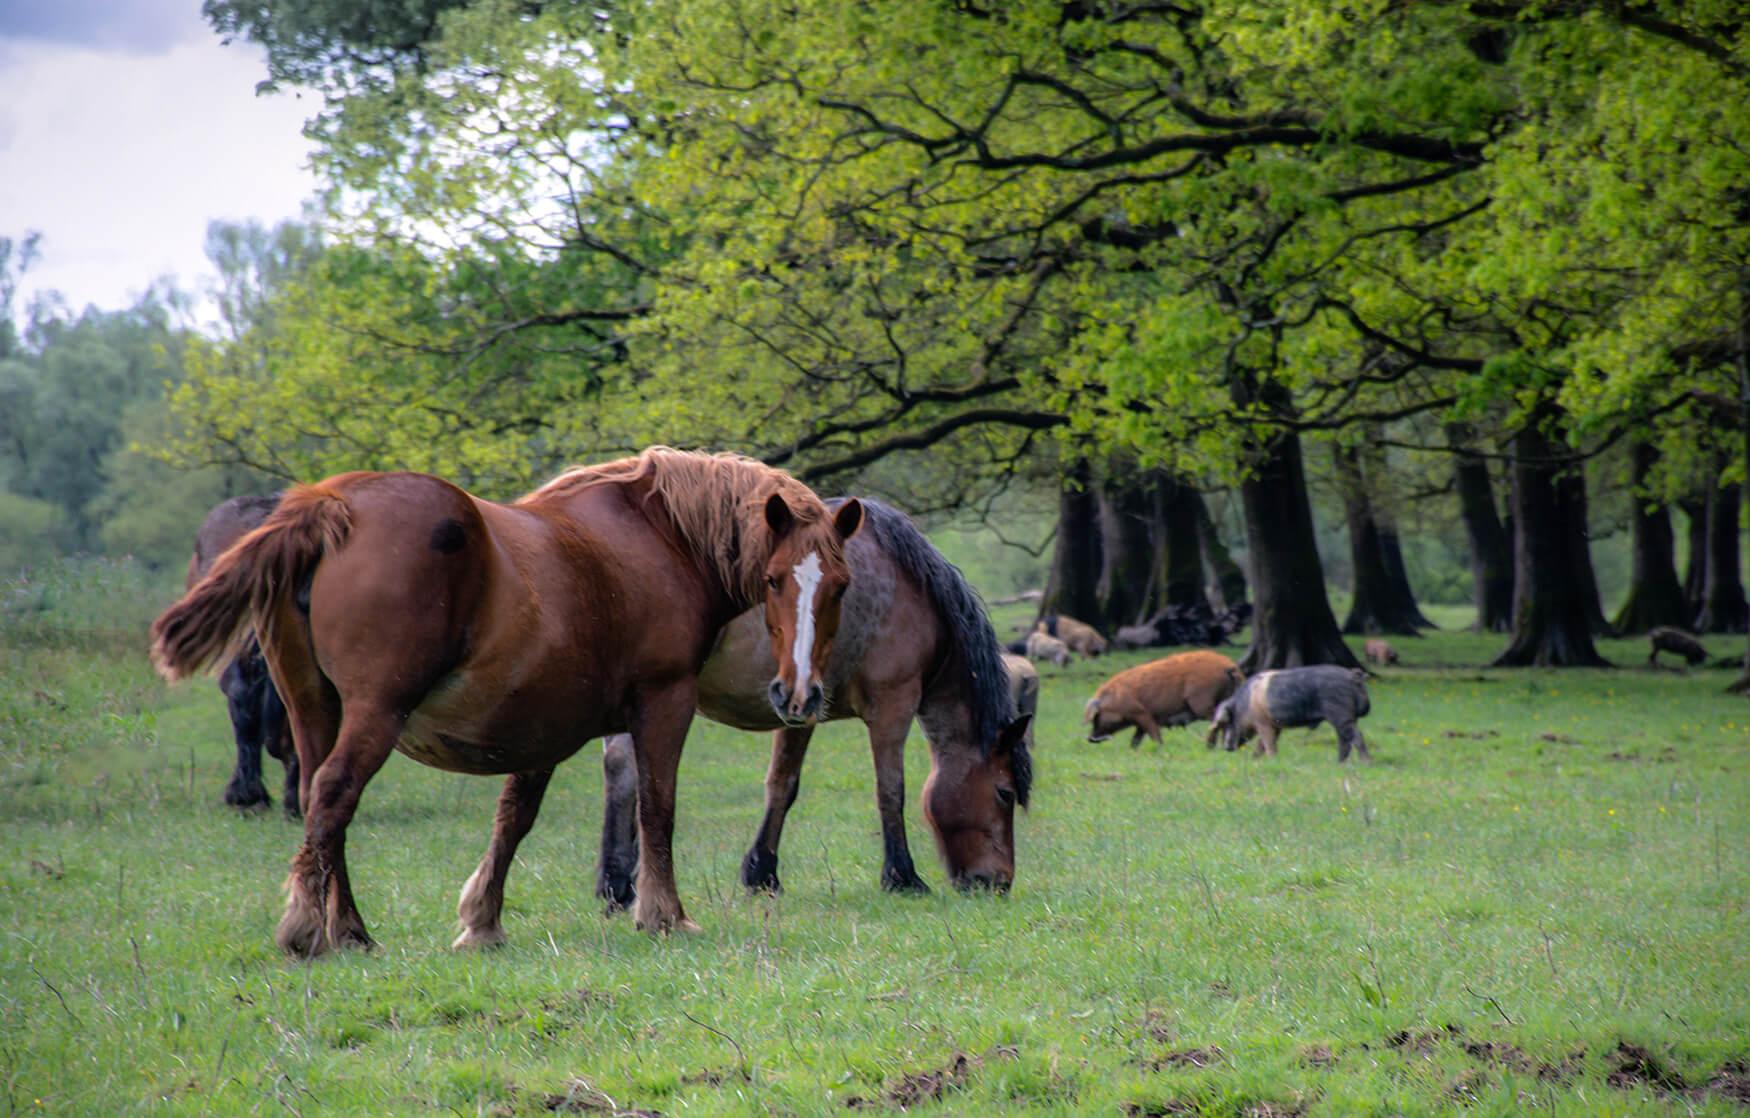 Nada_Graberski_Mužilovčica_horses